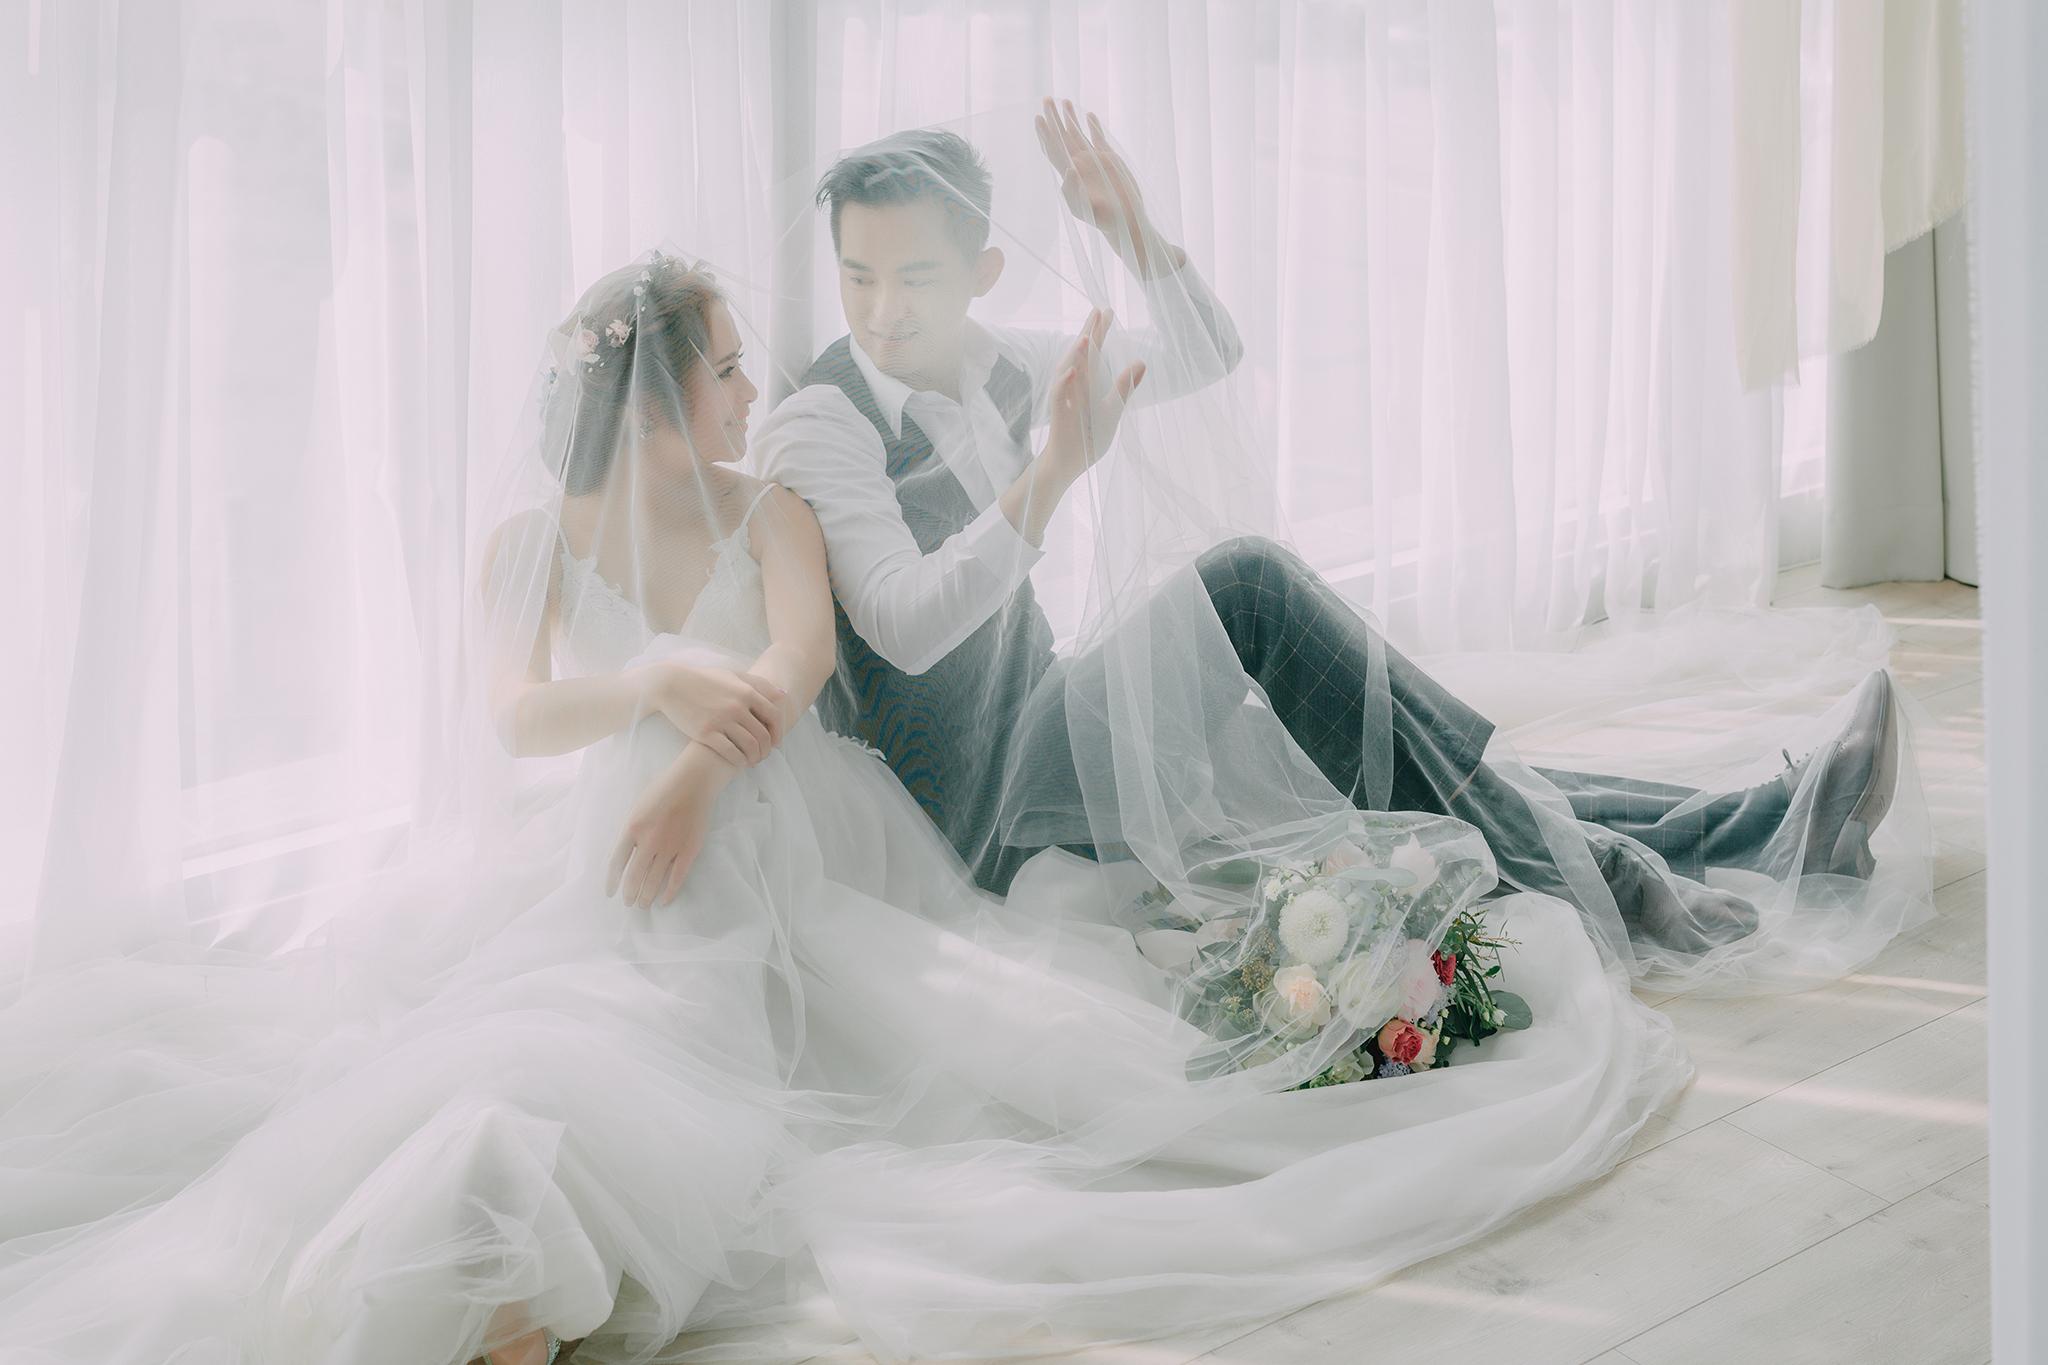 46369004264 daf5294dc4 o - 【自助婚紗】+至宏&如蕙+